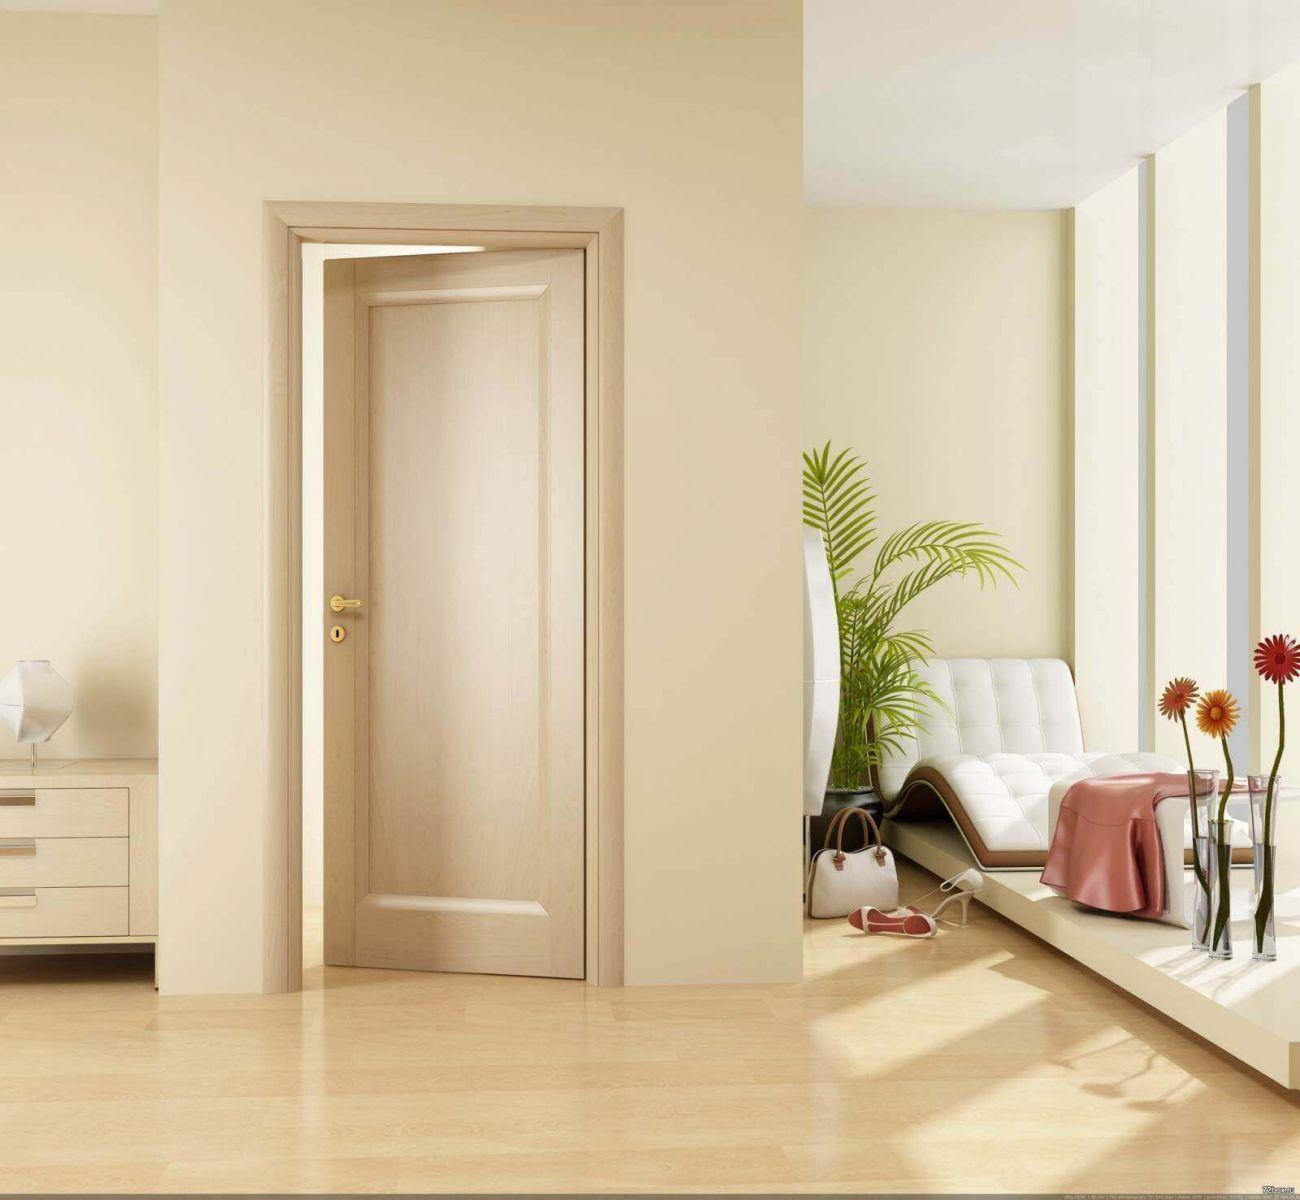 Двери подобраны в сочетании с общей цветовой гаммой комнаты.